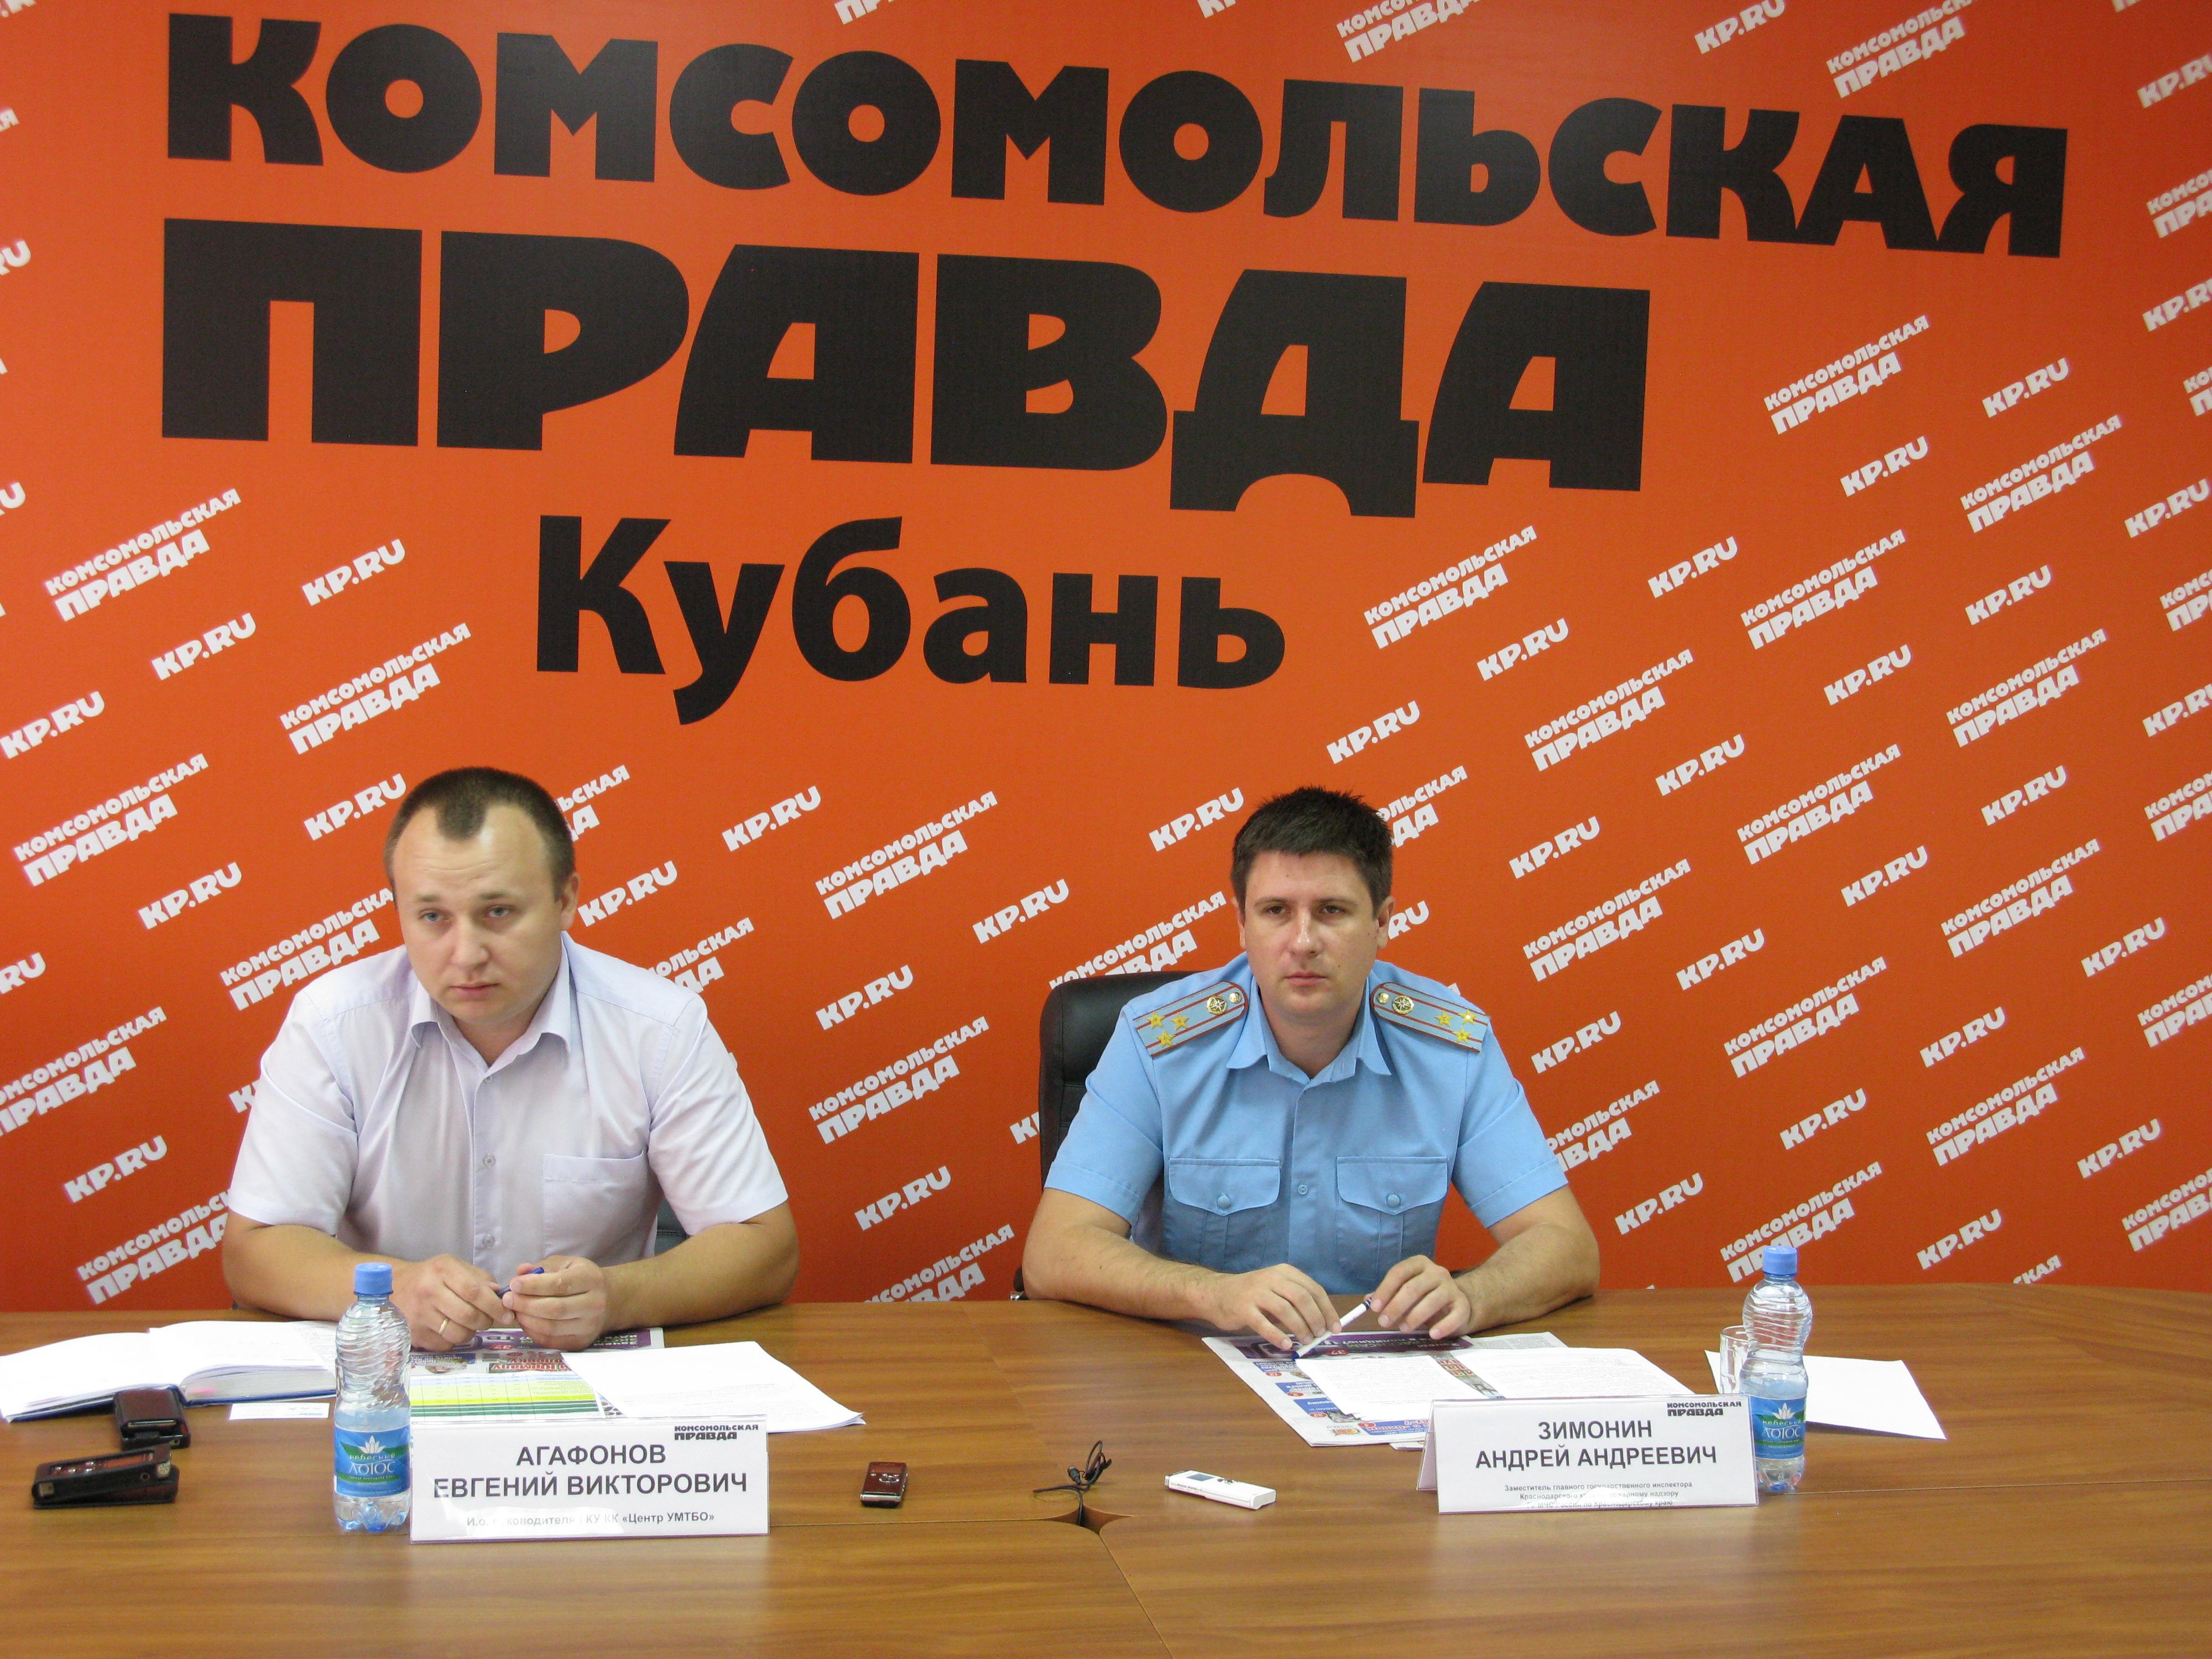 Состояние пожарной безопасности общеобразовательных школ обсудили на пресс-конференции